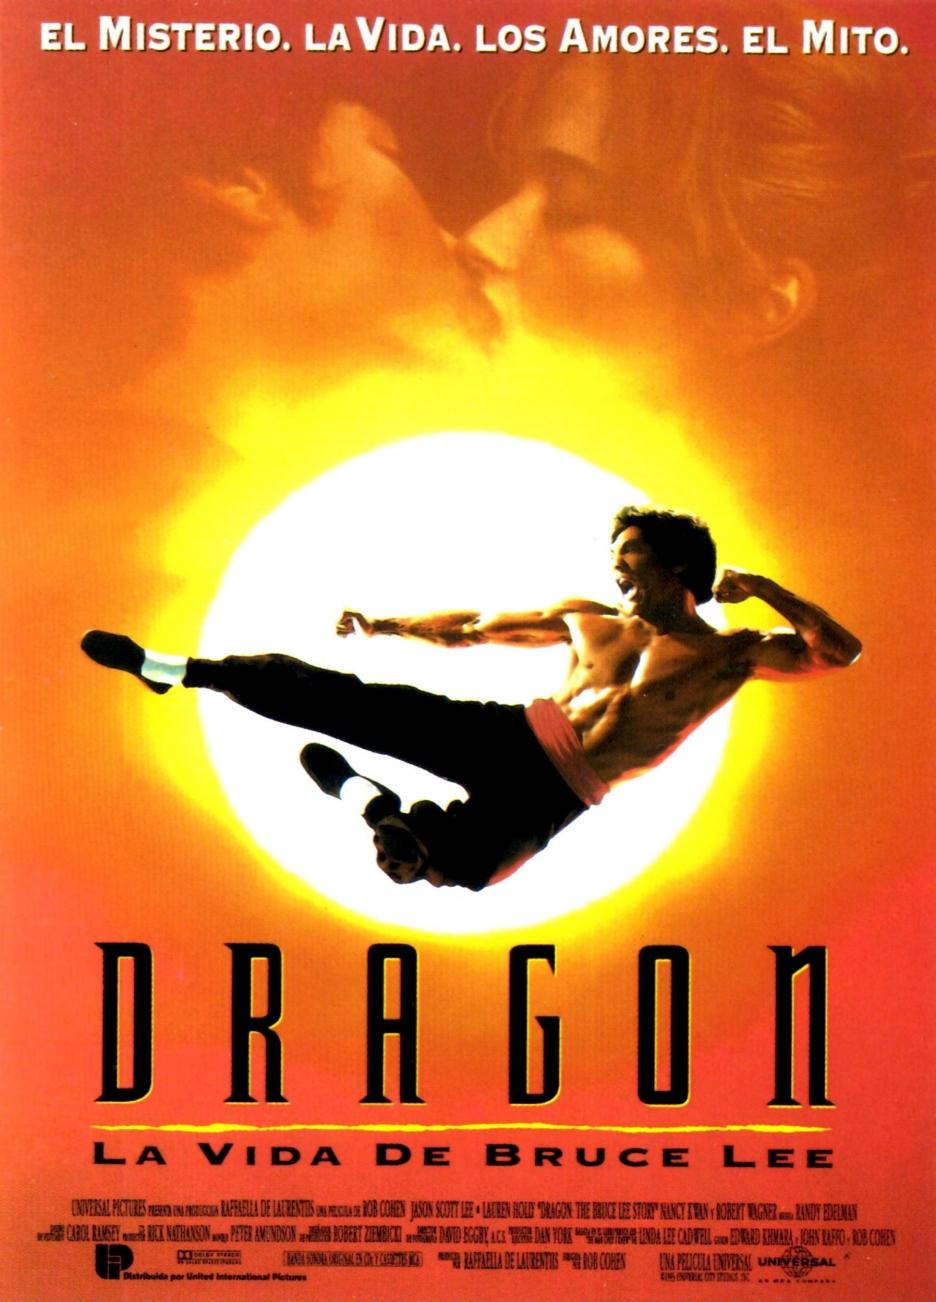 Dragon: The Bruce Lee Story เรื่องราวชีวิตจริงของ บรู๊ซ ลี (ซับไทย)